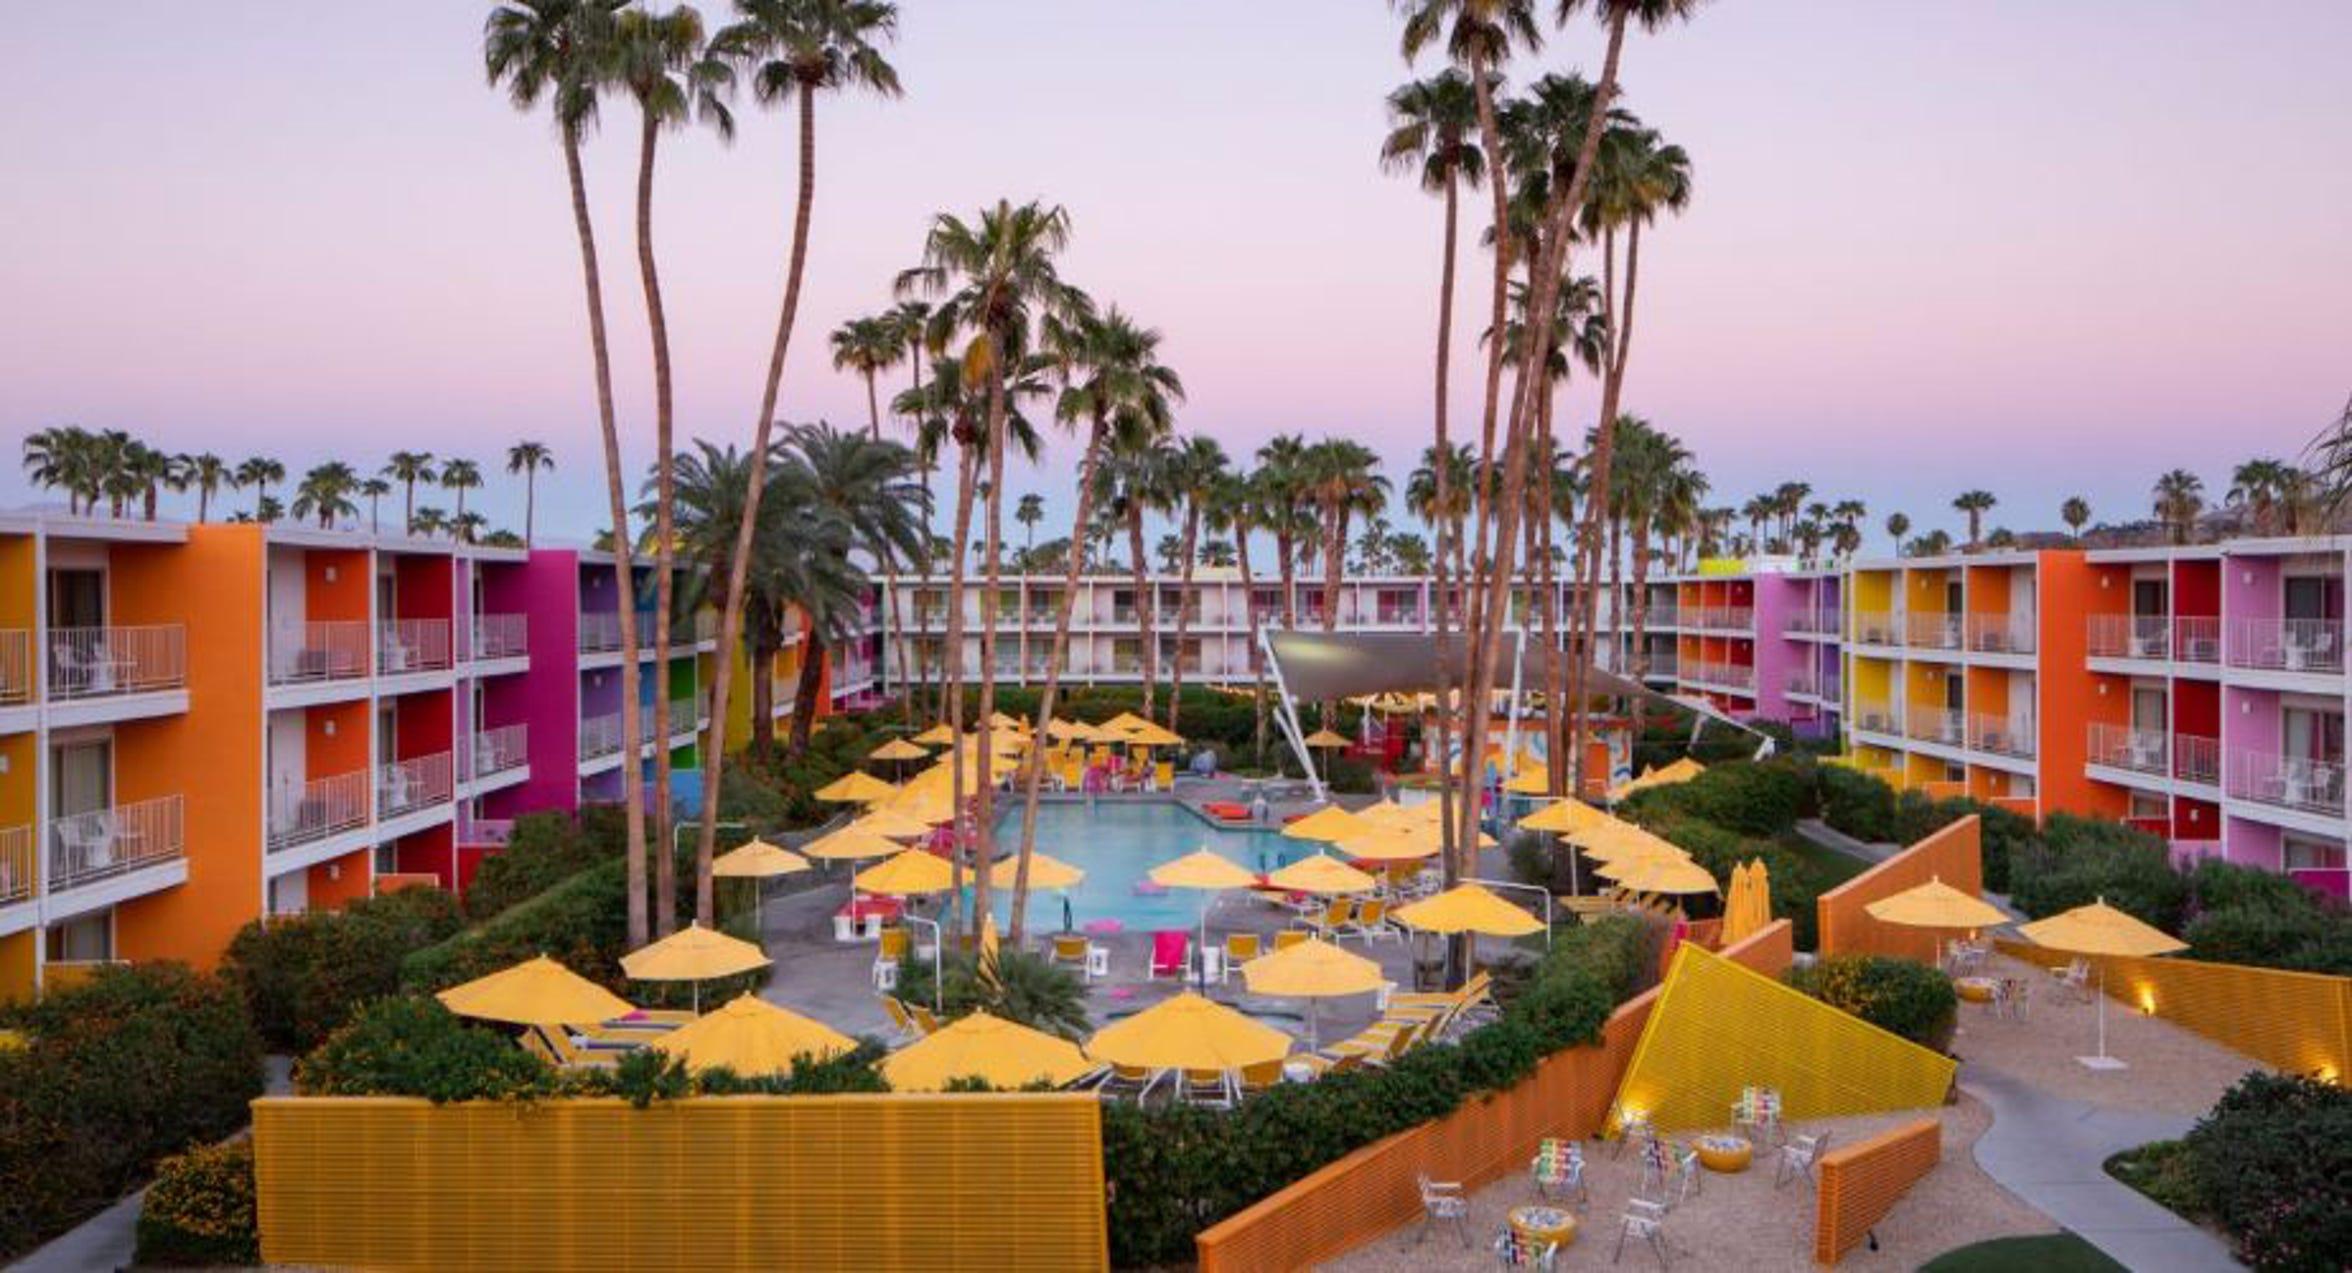 The Saguaro Palm Springs.